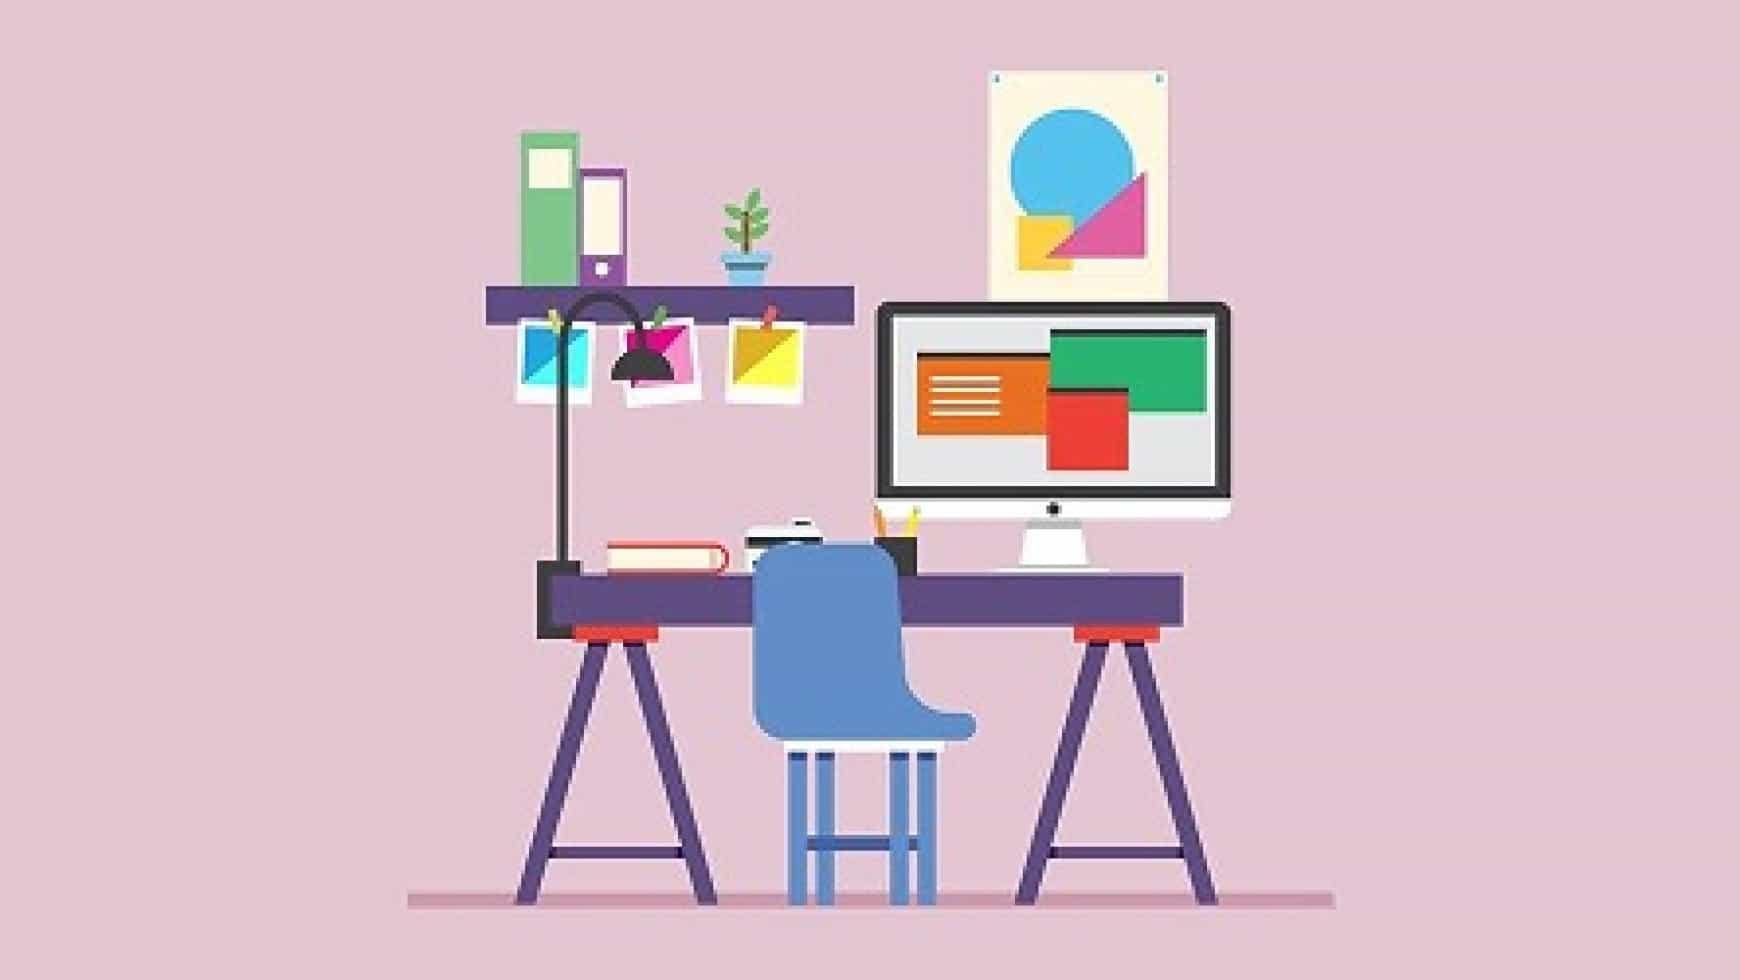 Hacia dónde evoluciona el diseño web #infografía